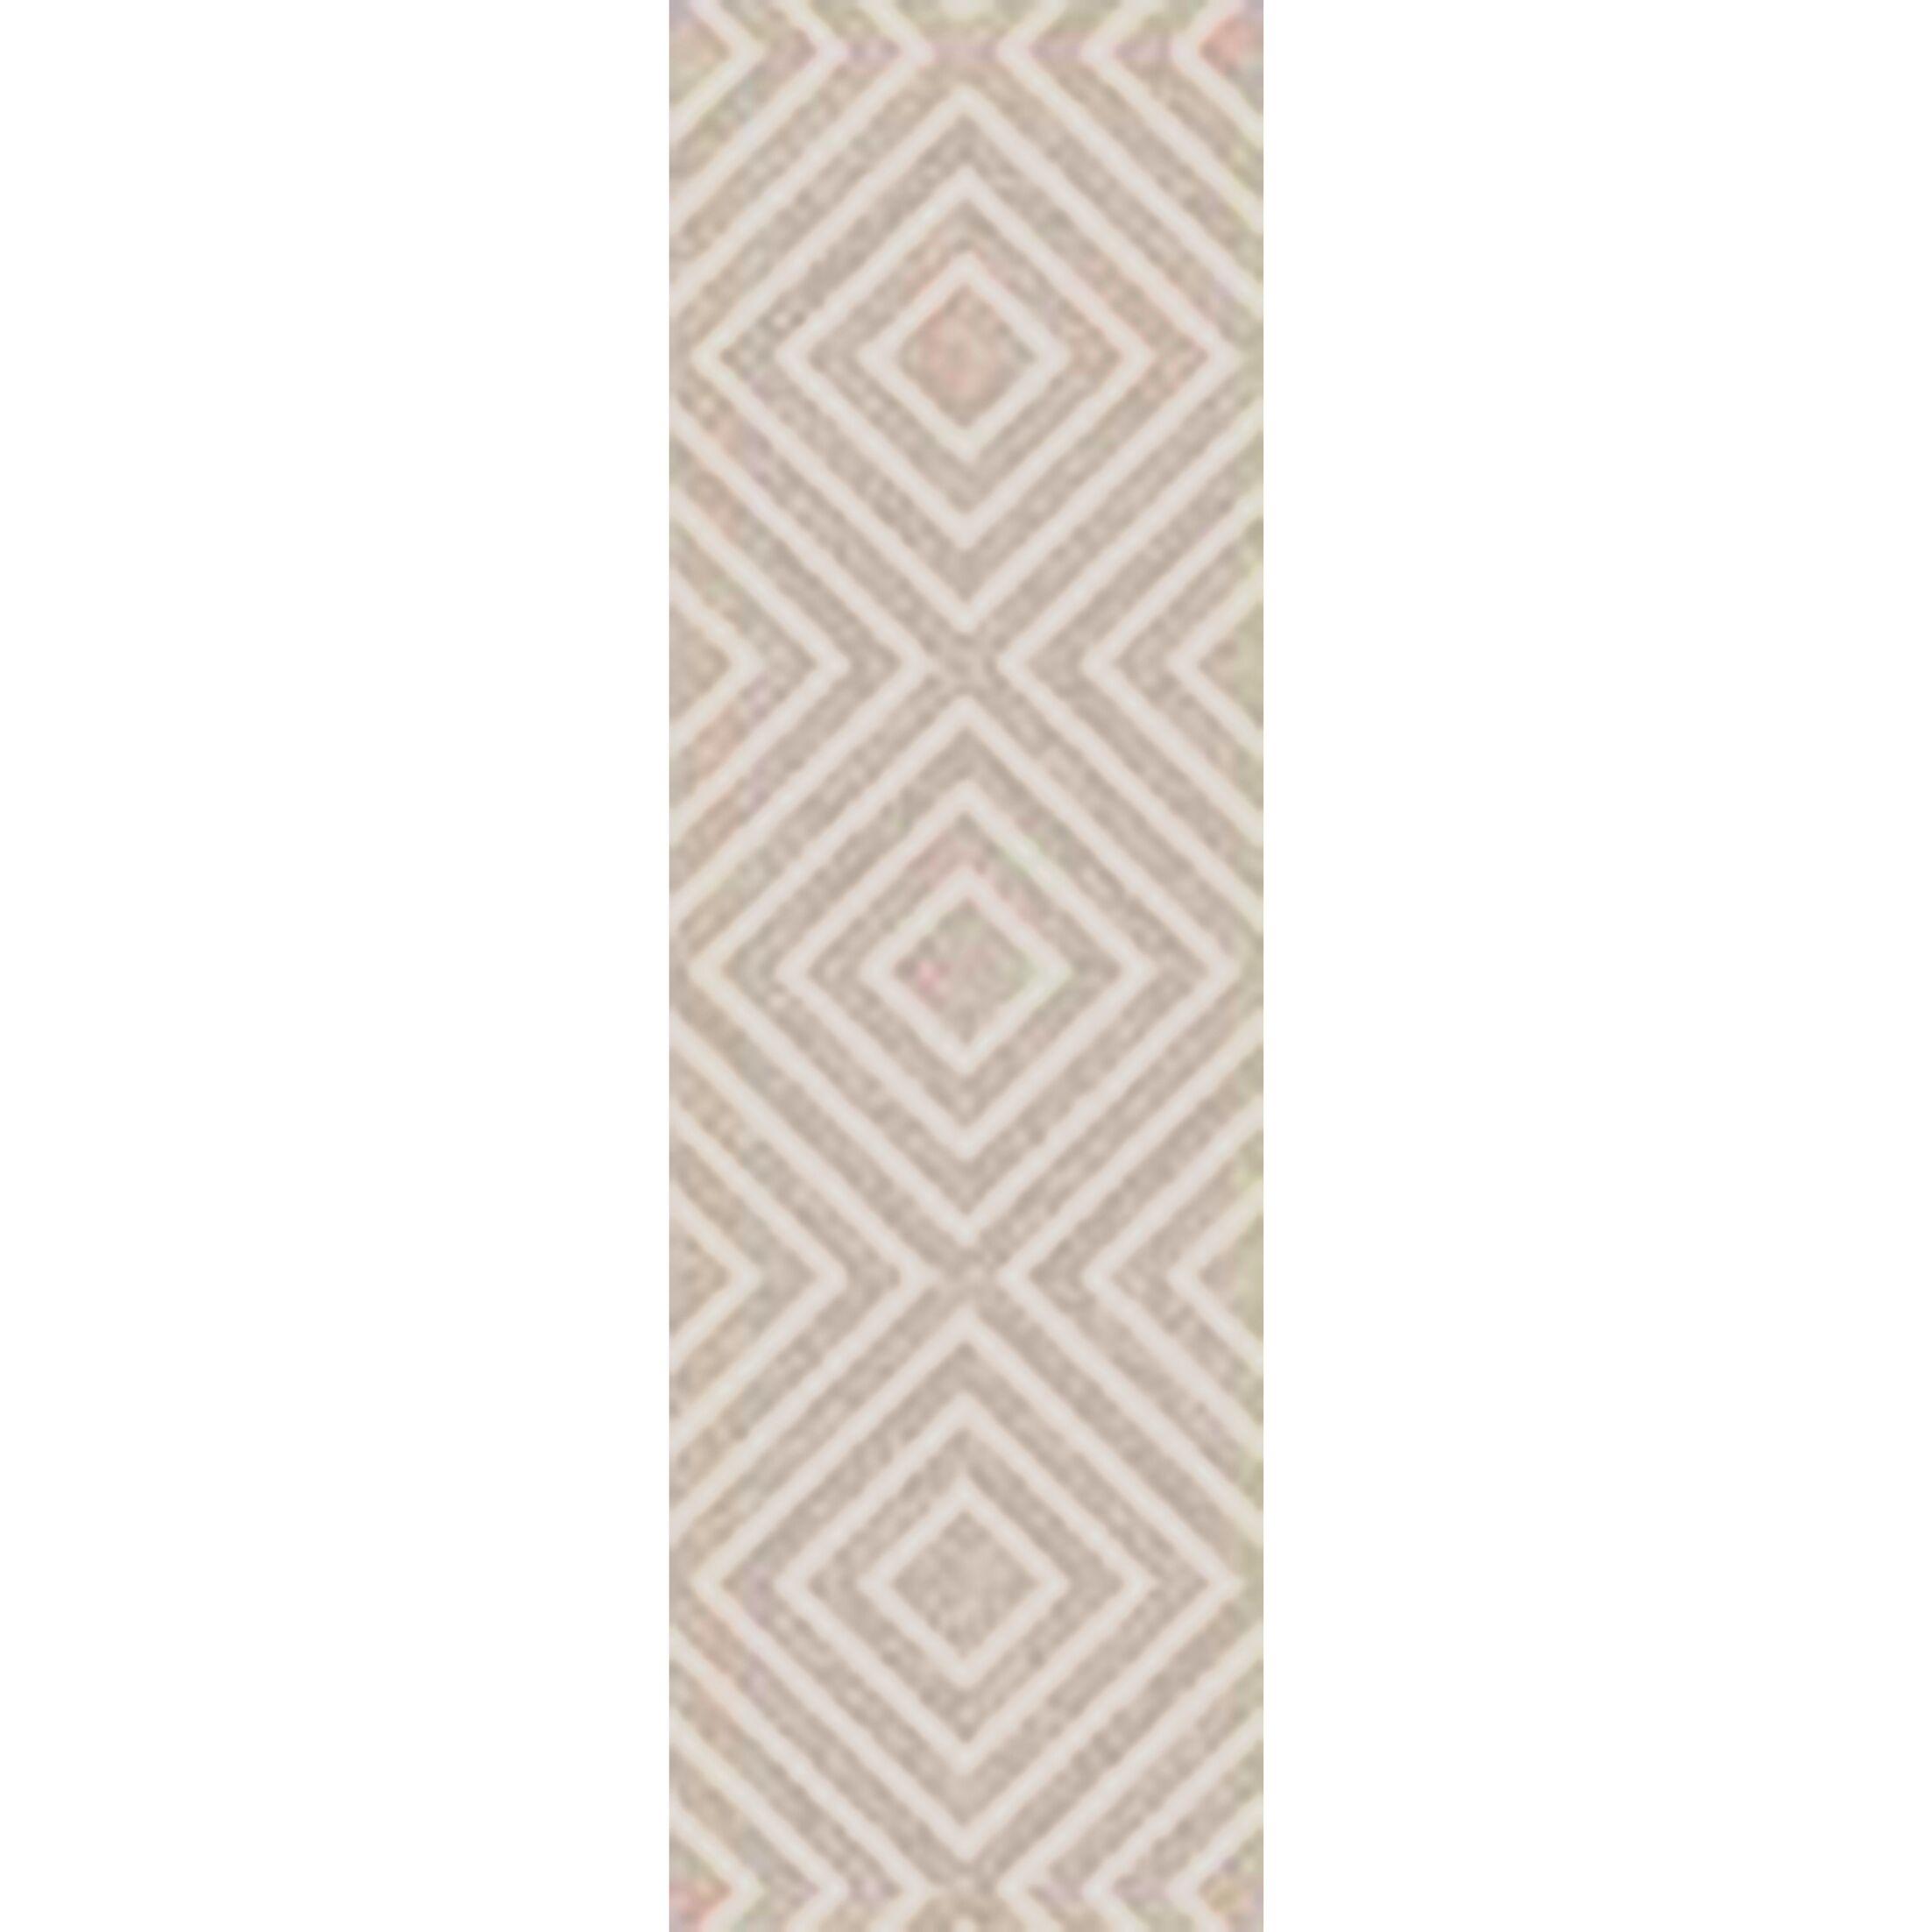 Berkeley Hand-Hooked Khaki/Ivory Area Rug Rug Size: Rectangle 9' x 13'